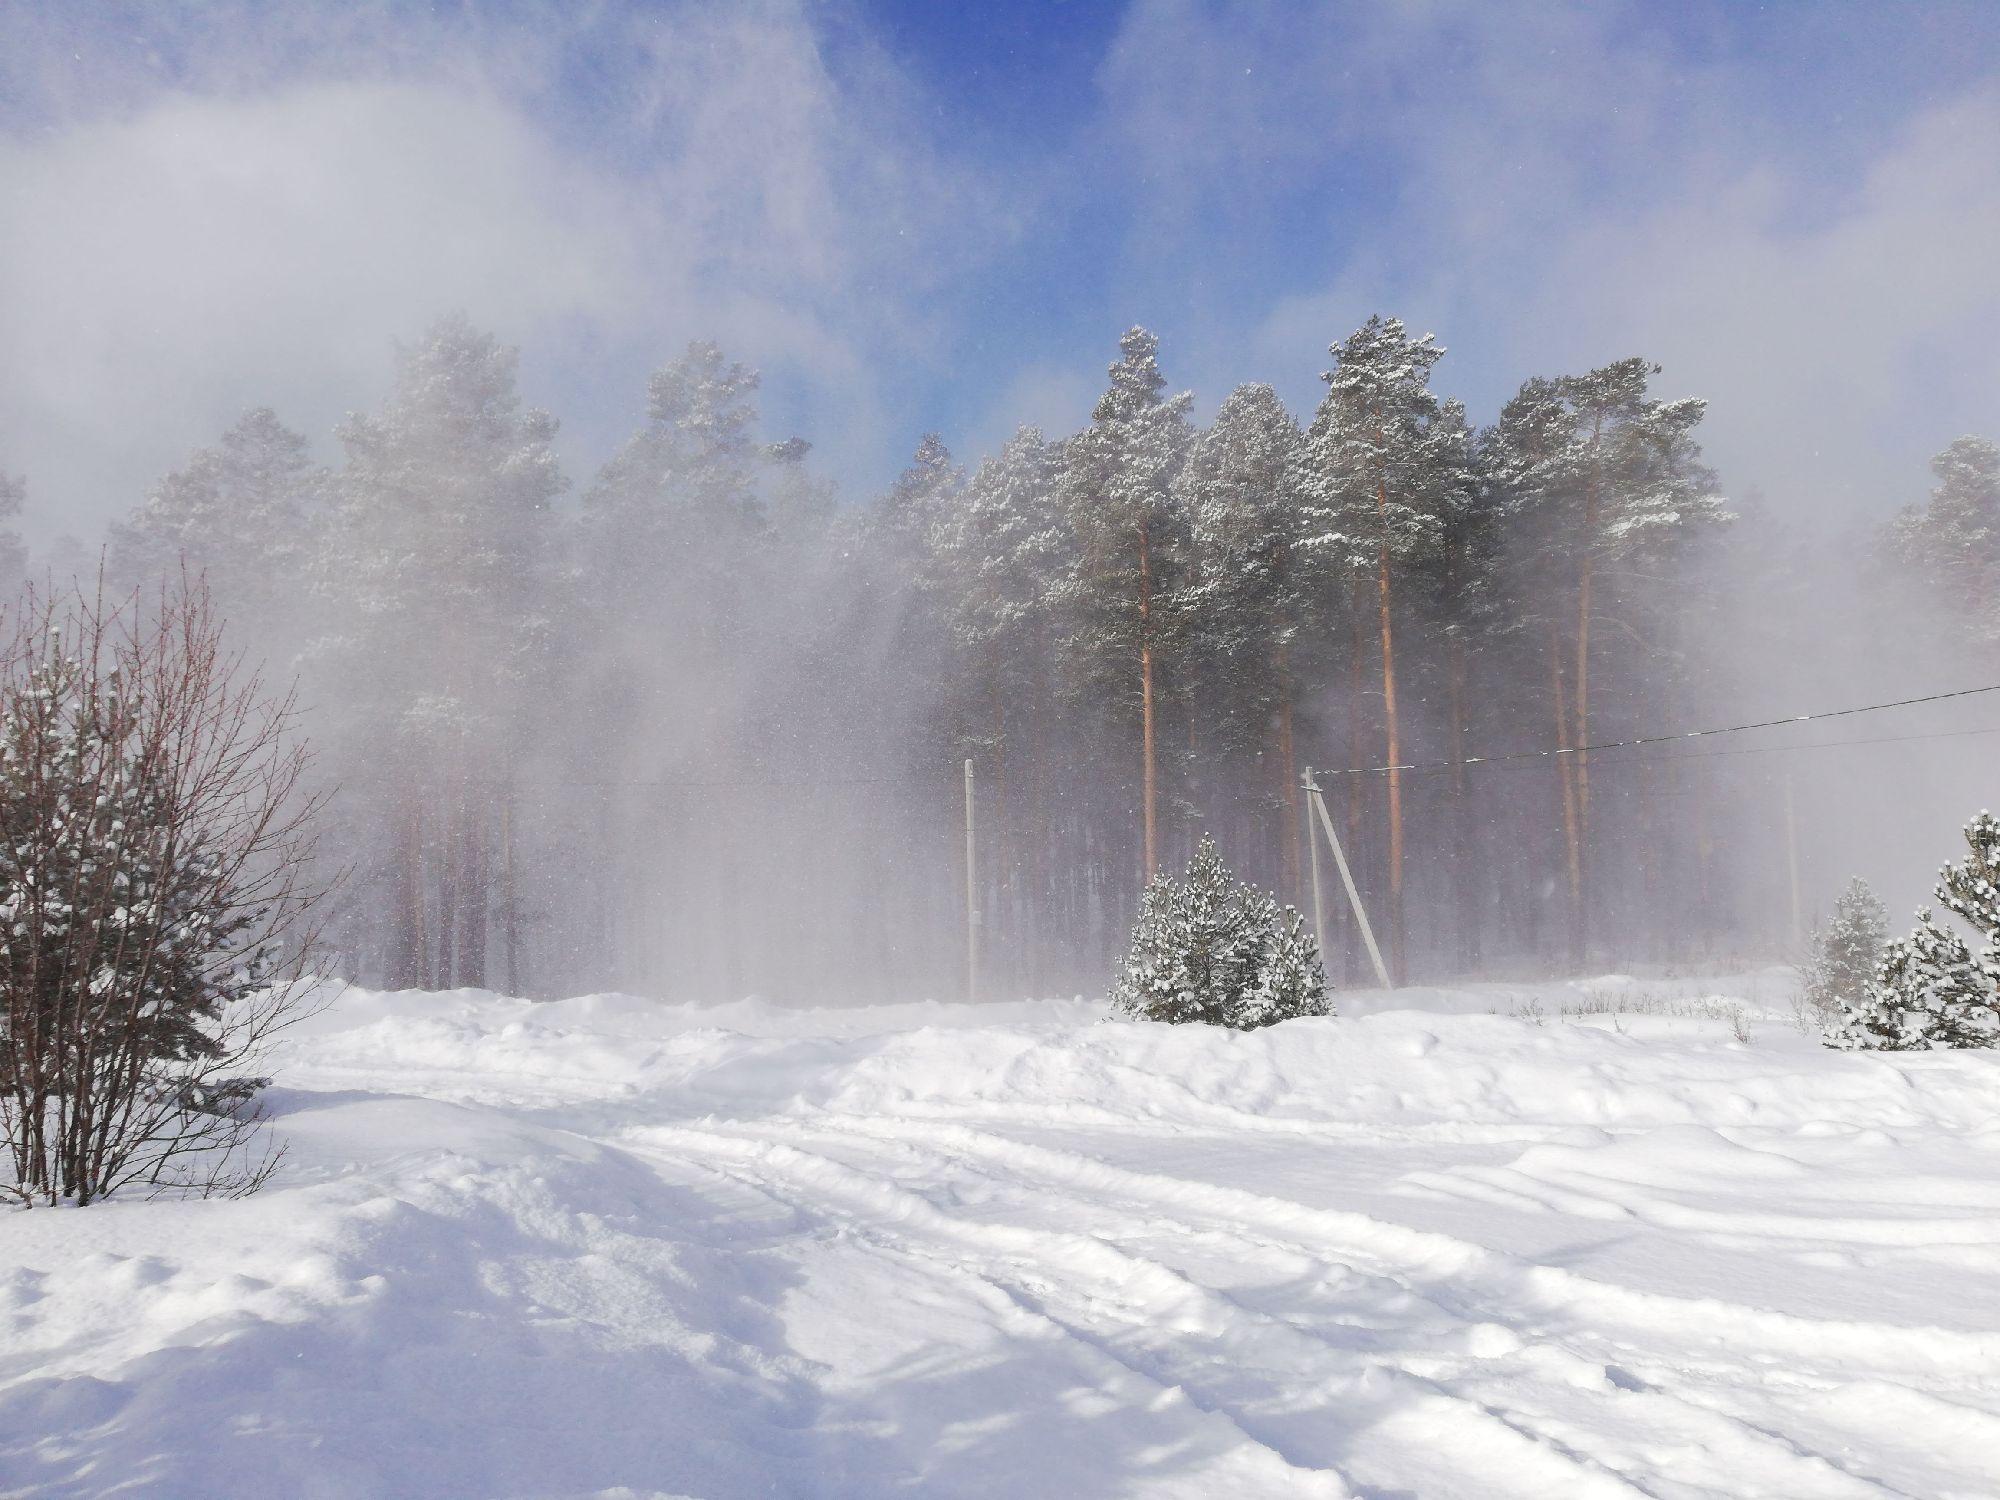 снежок полежал на деревьях и полетел дальше